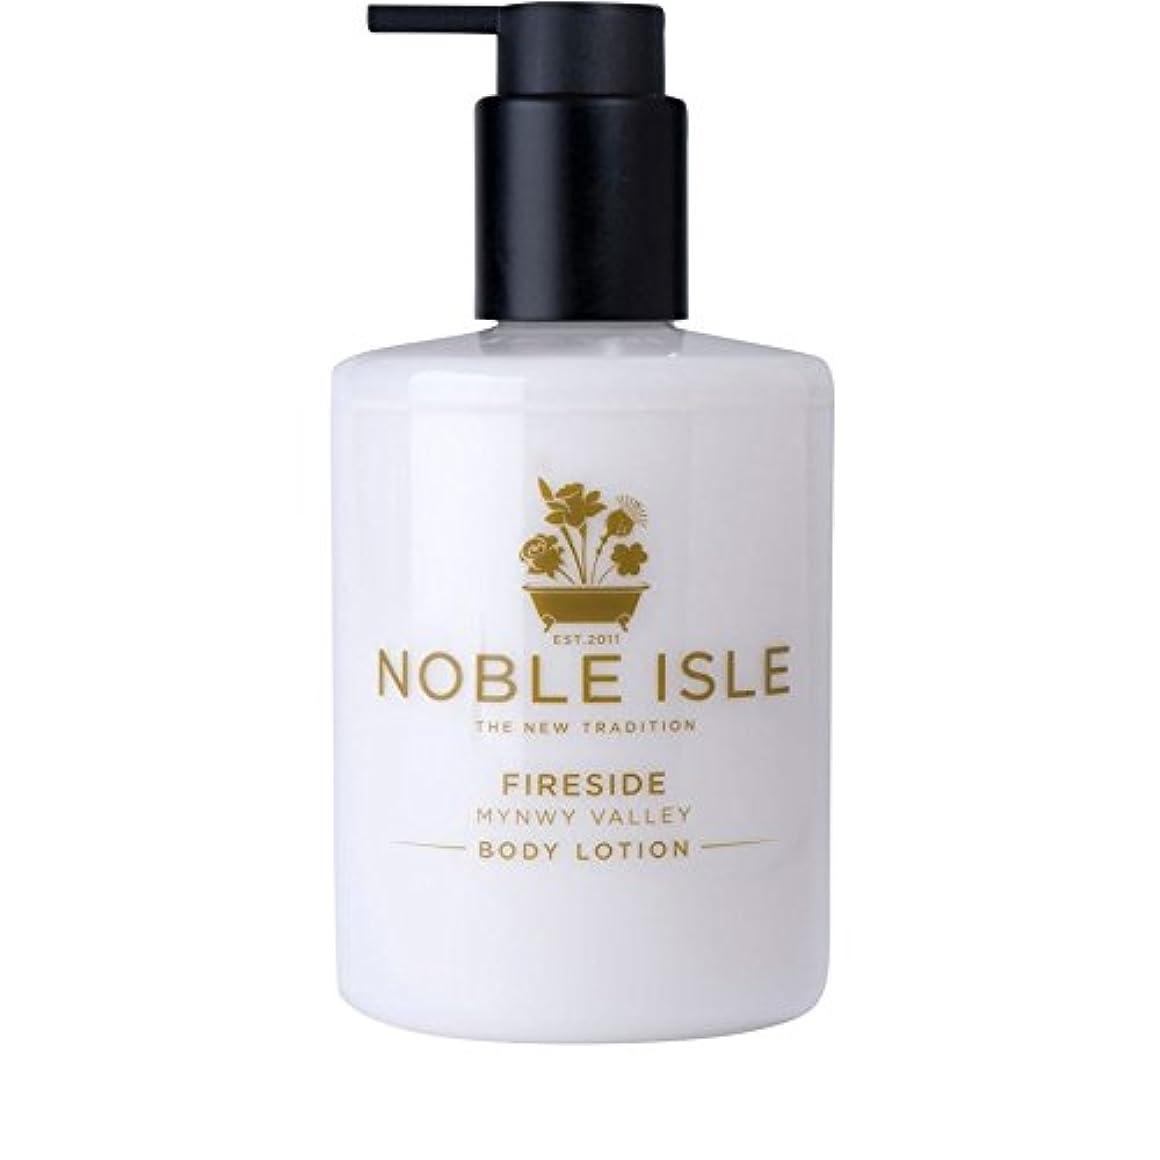 歌詞大型トラック眉Noble Isle Fireside Mynwy Valley Body Lotion 250ml - 高貴な島炉端谷のボディローション250ミリリットル [並行輸入品]